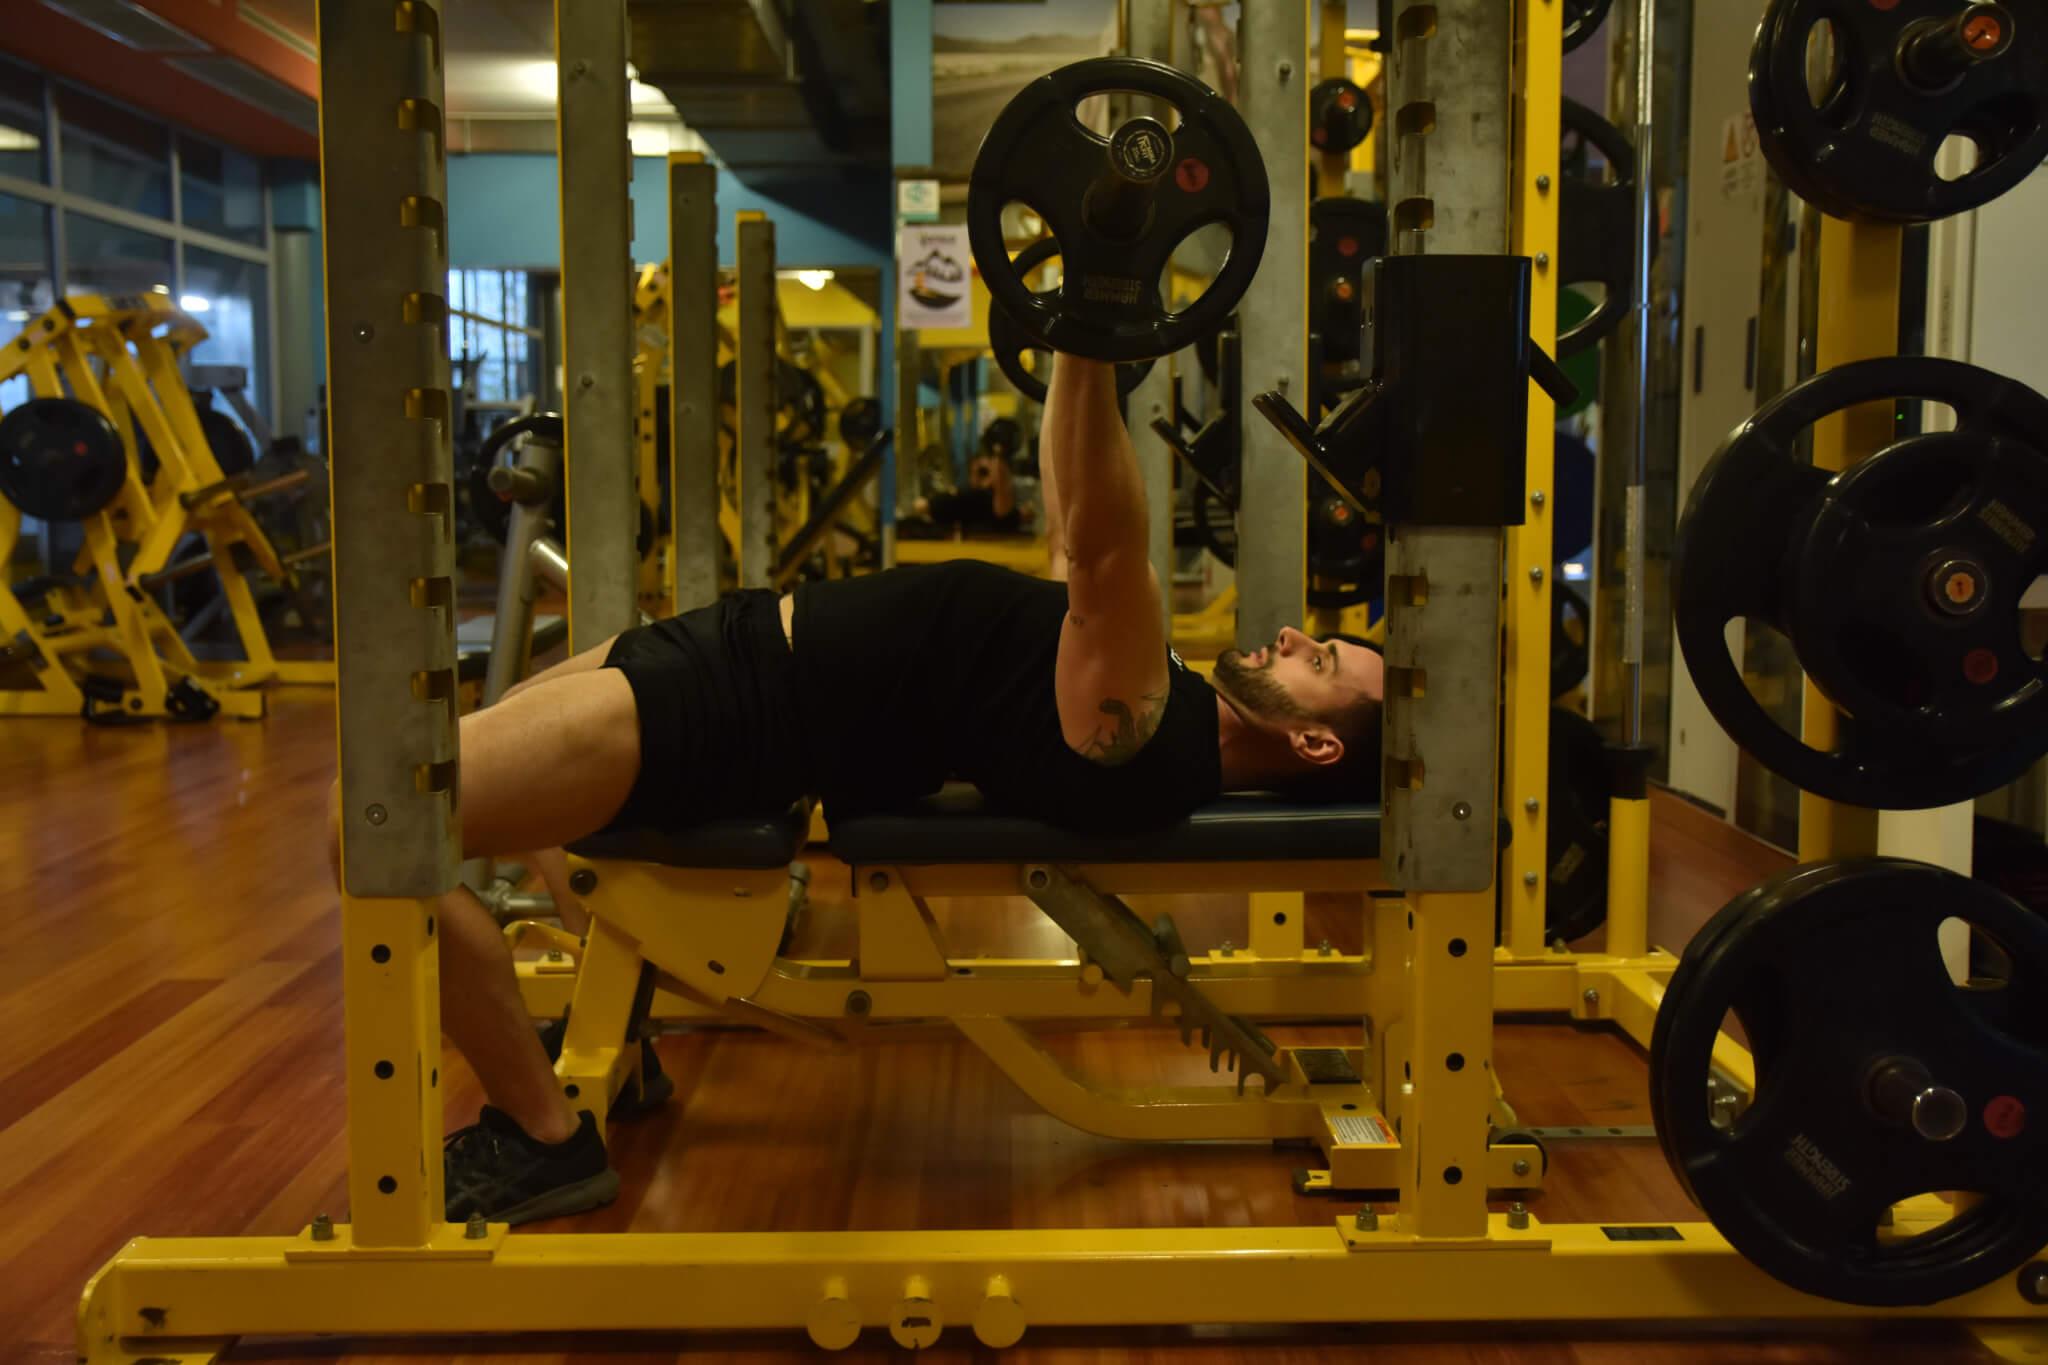 Panca piana presa intermedia per allenamento tricipite brachiale